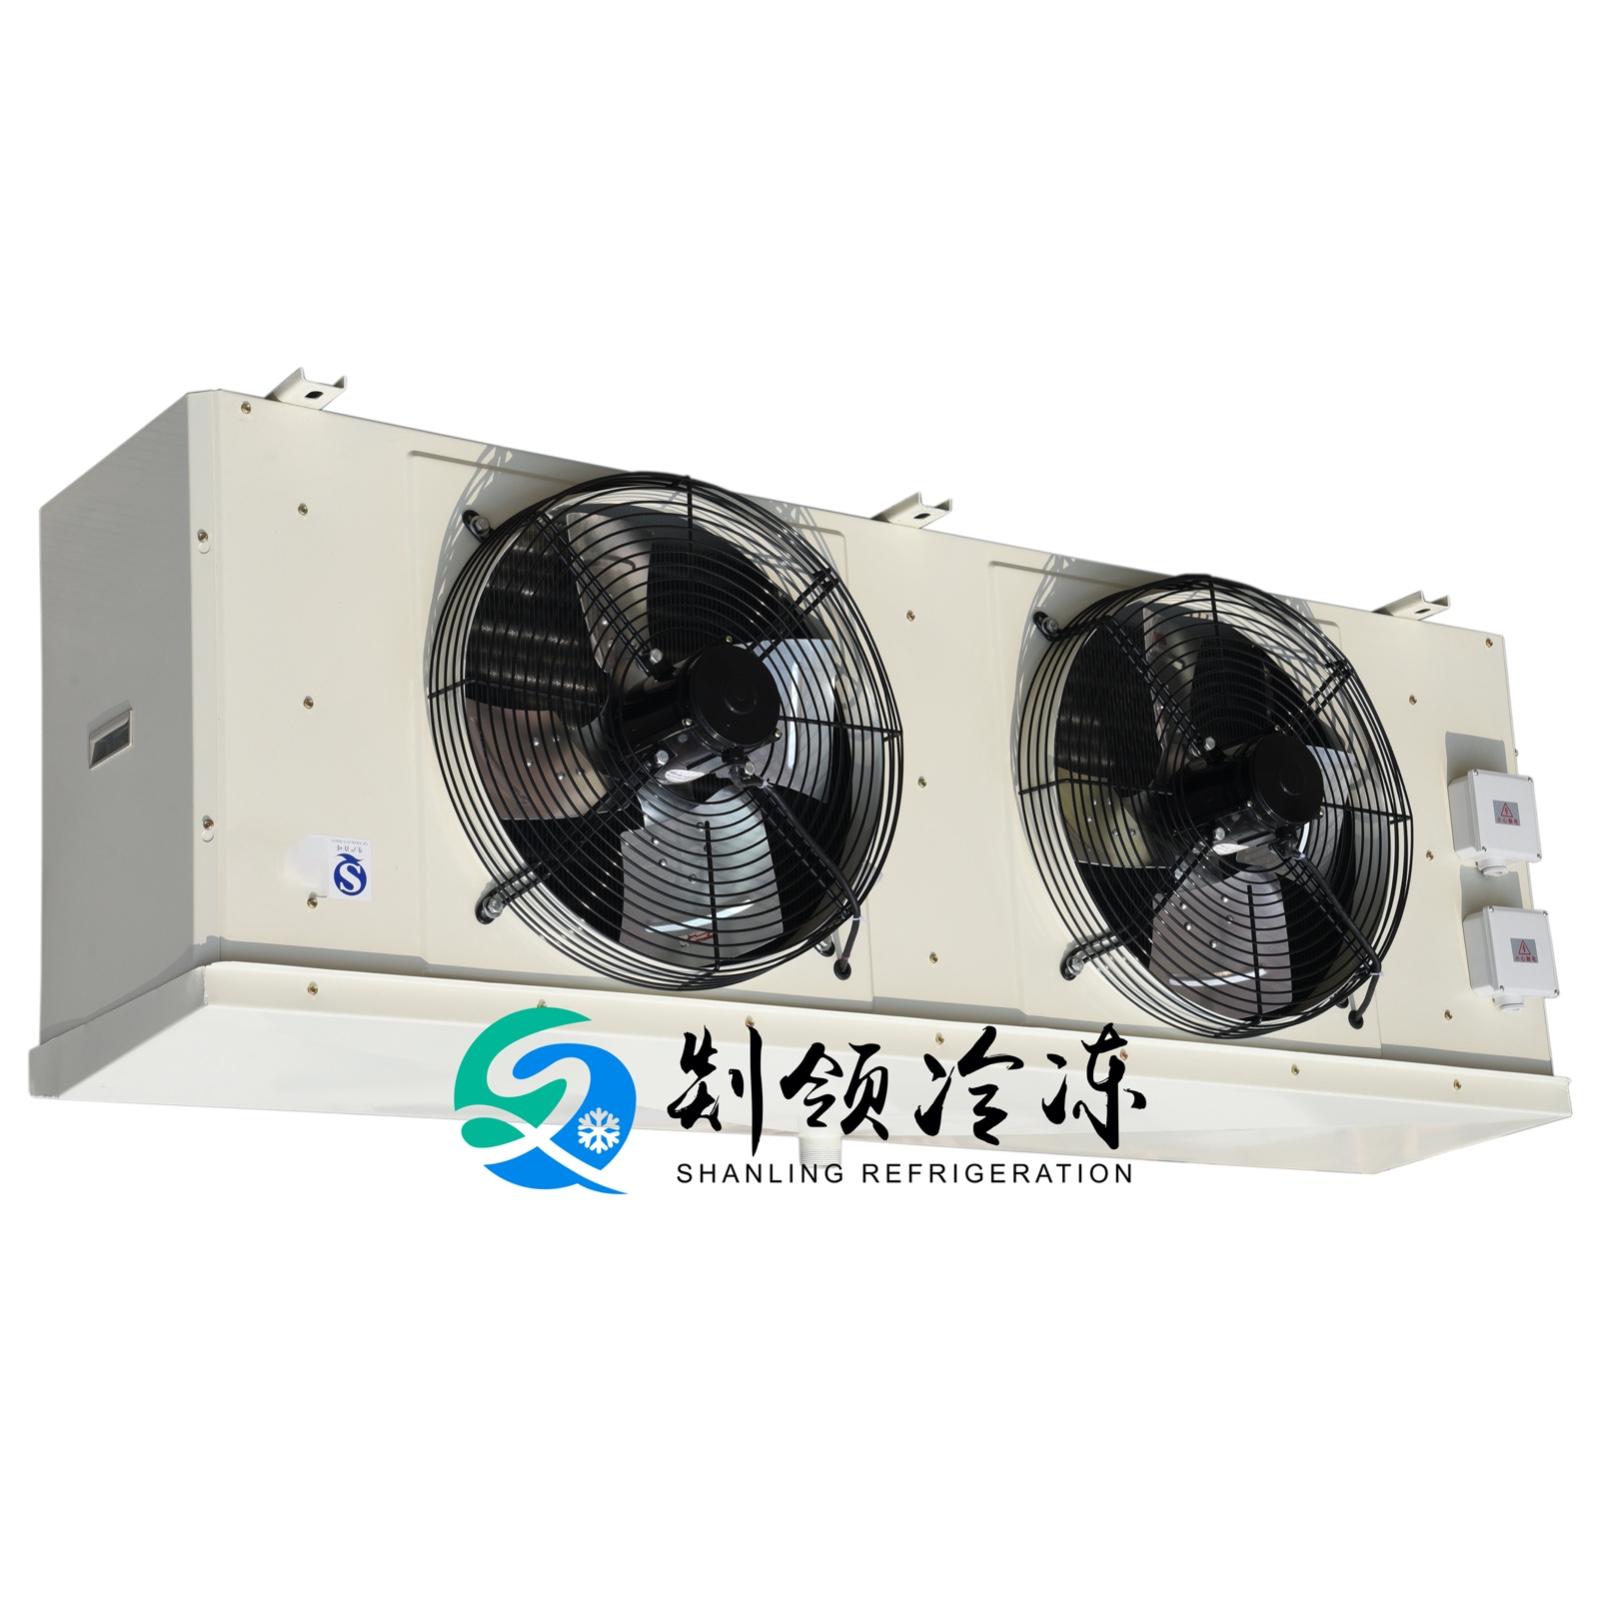 冷风机厂家 保鲜库蒸发器 冷藏库DD-6.0/30 制冷 食用菌房冷风机